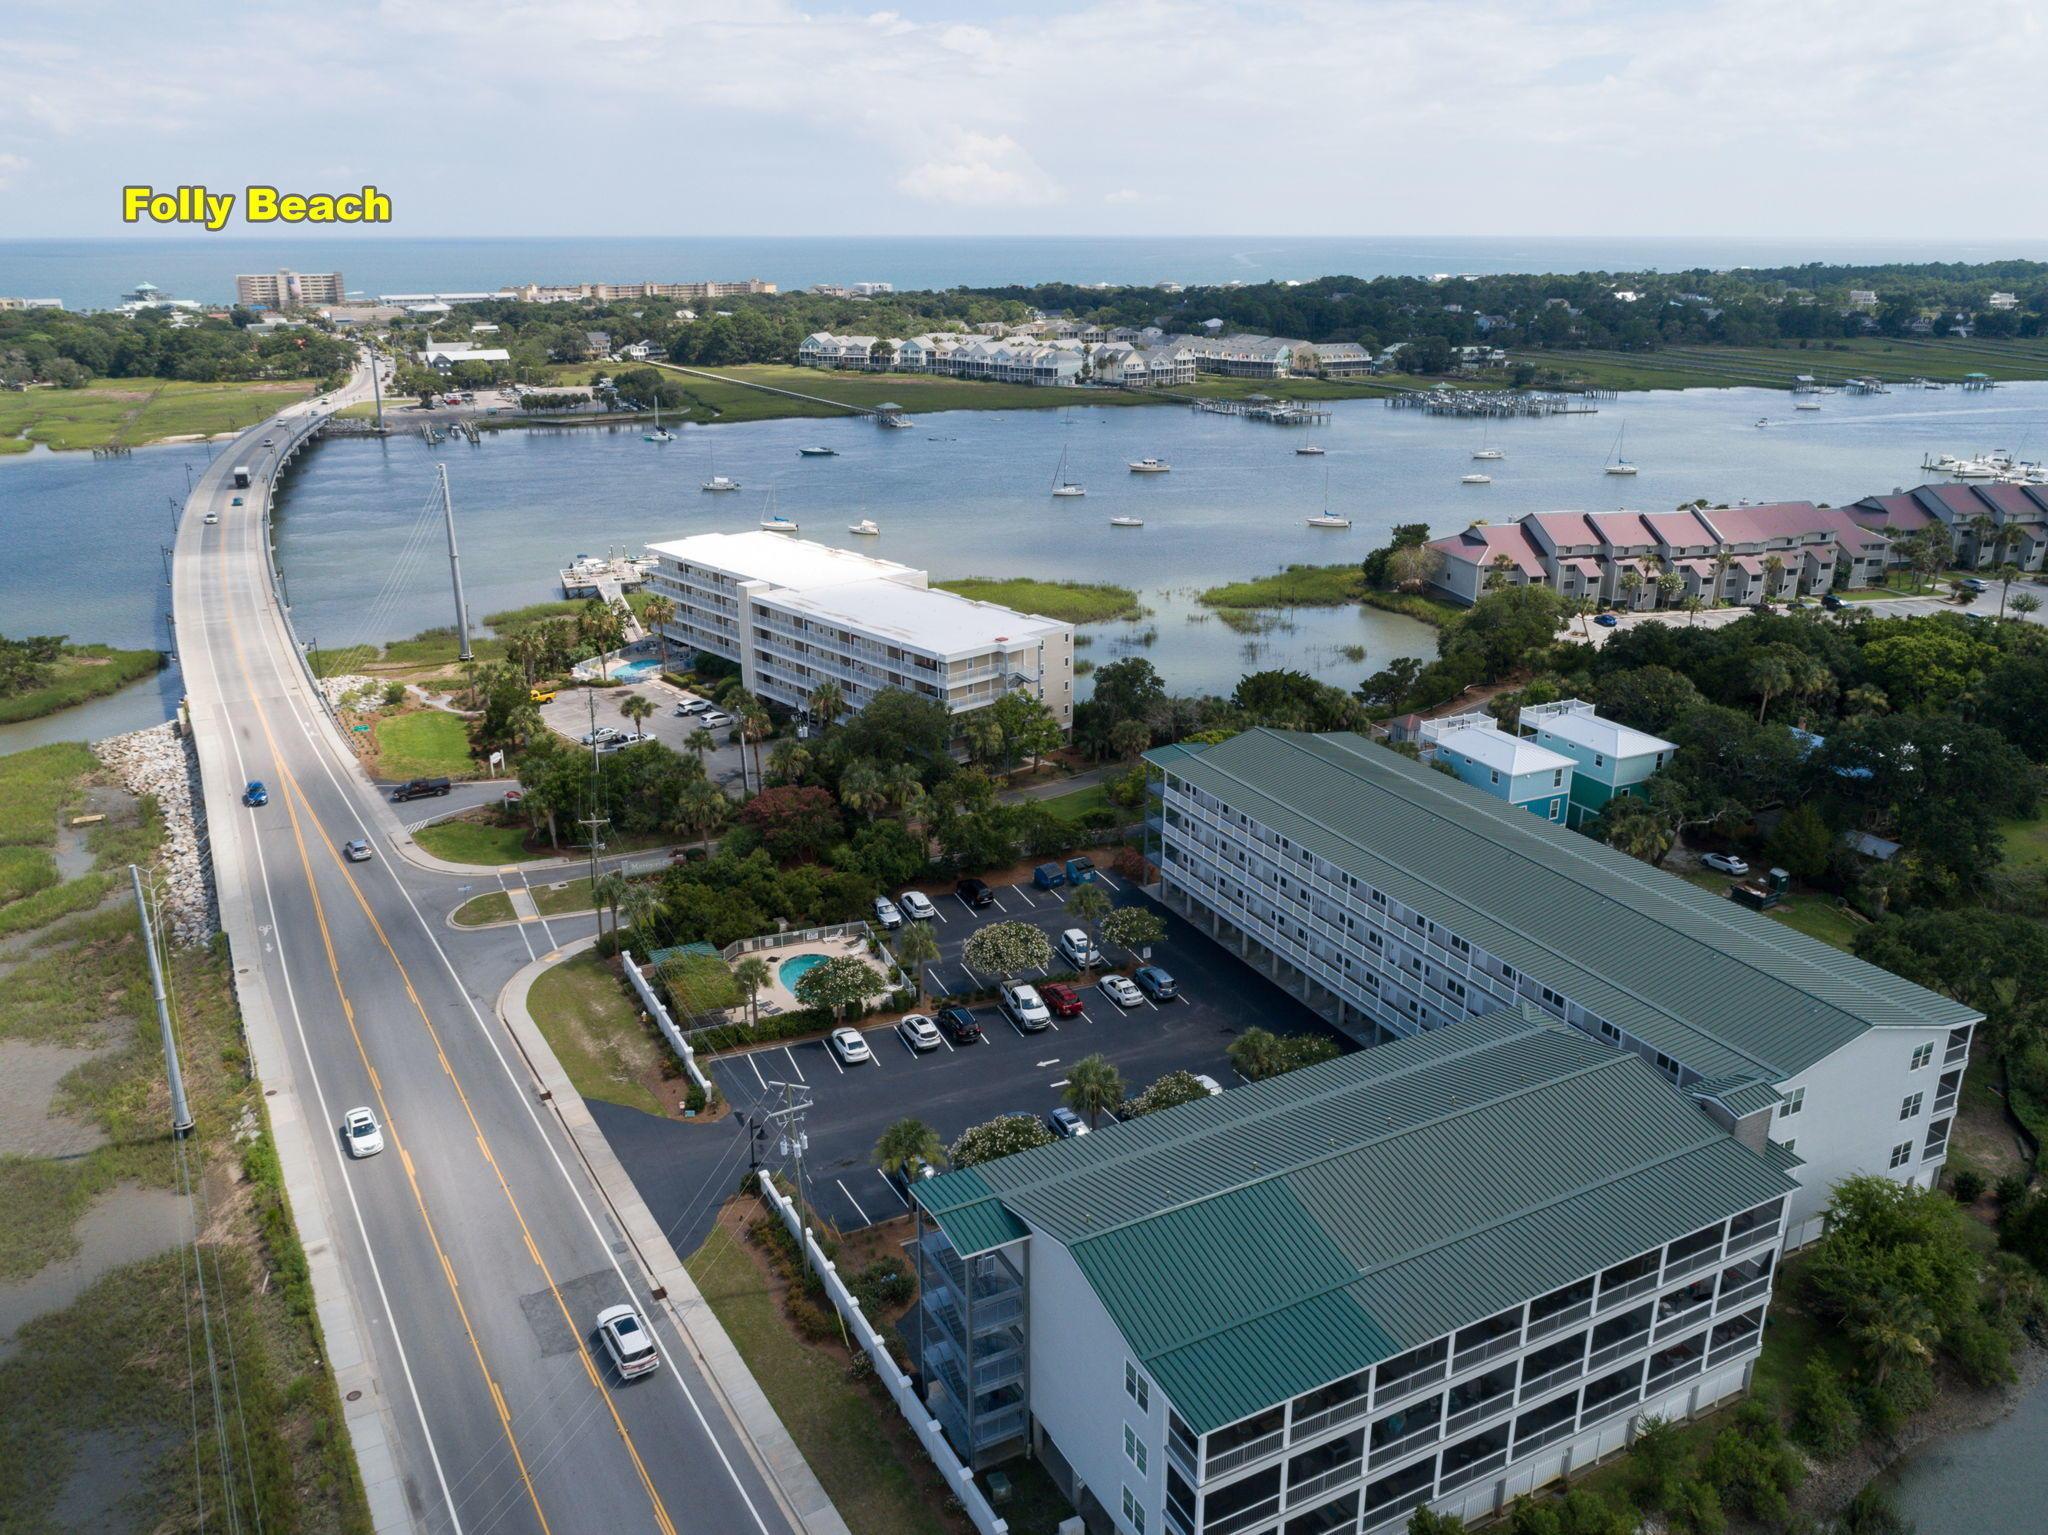 Marsh Winds Homes For Sale - 2393 Folly, Folly Beach, SC - 3